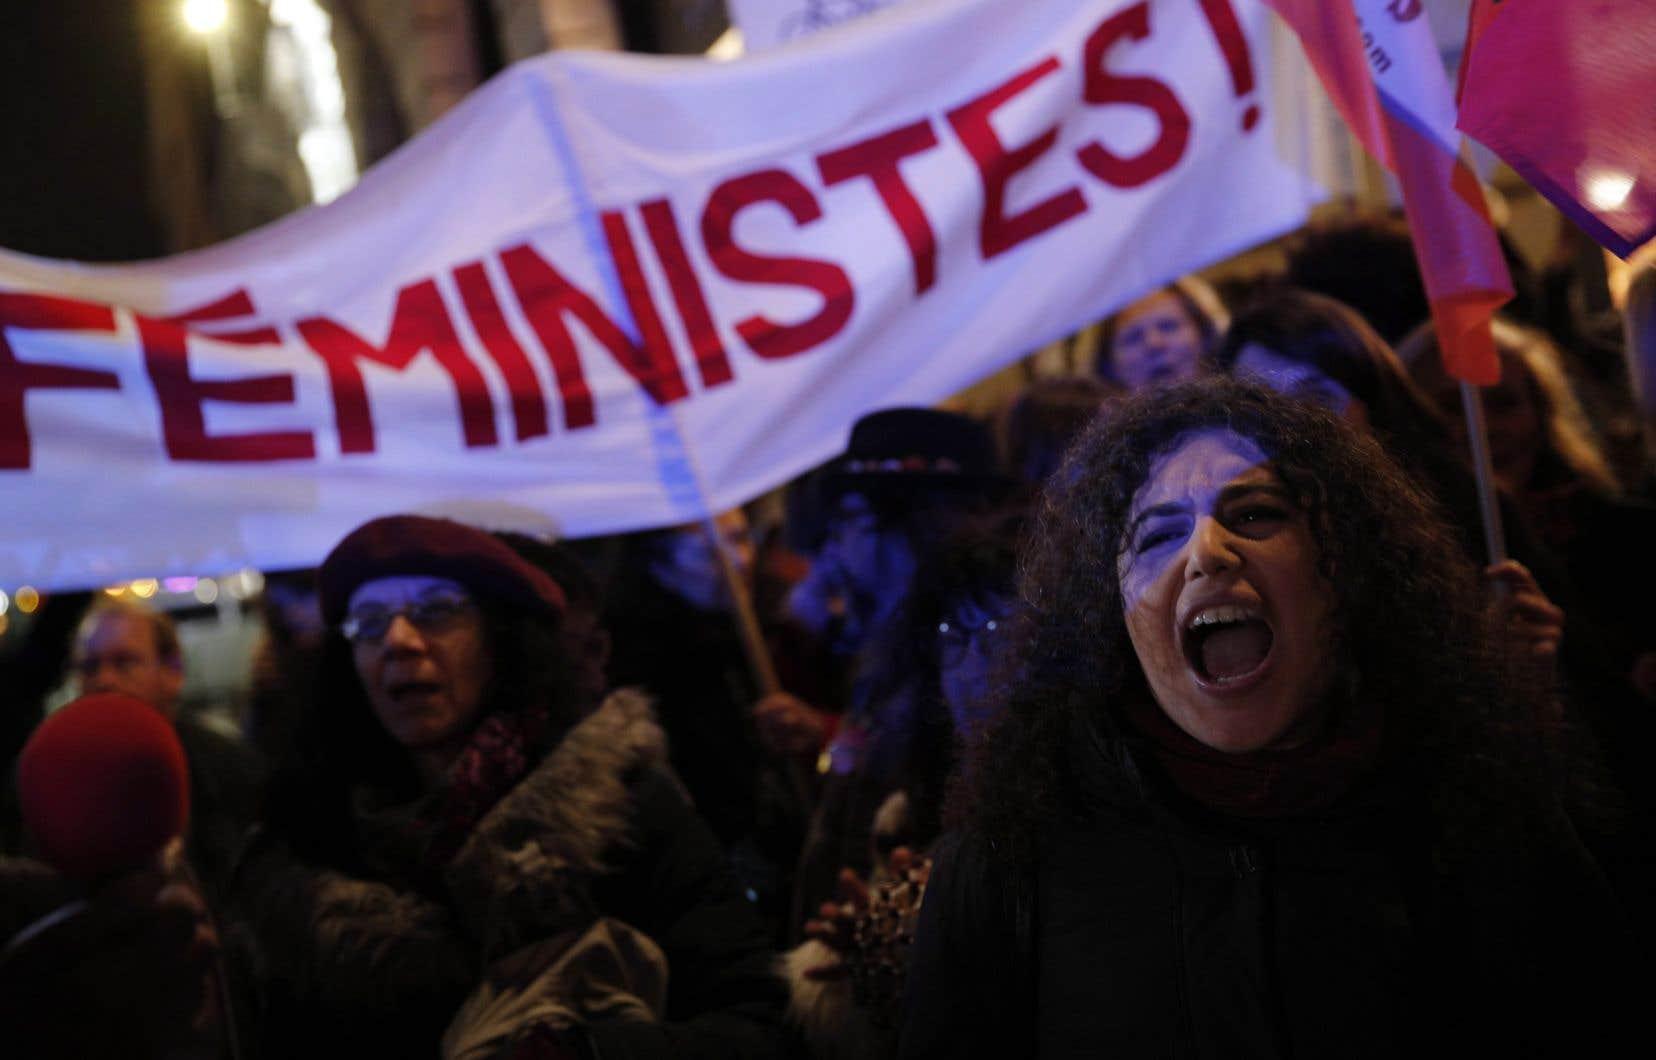 Les initiatives du gouvernement ne doivent pas être utilisées pour museler les groupes féministes qui militent depuis plusieurs décennies pour la défense des droits des femmes victimes de violence, estime l'auteur.